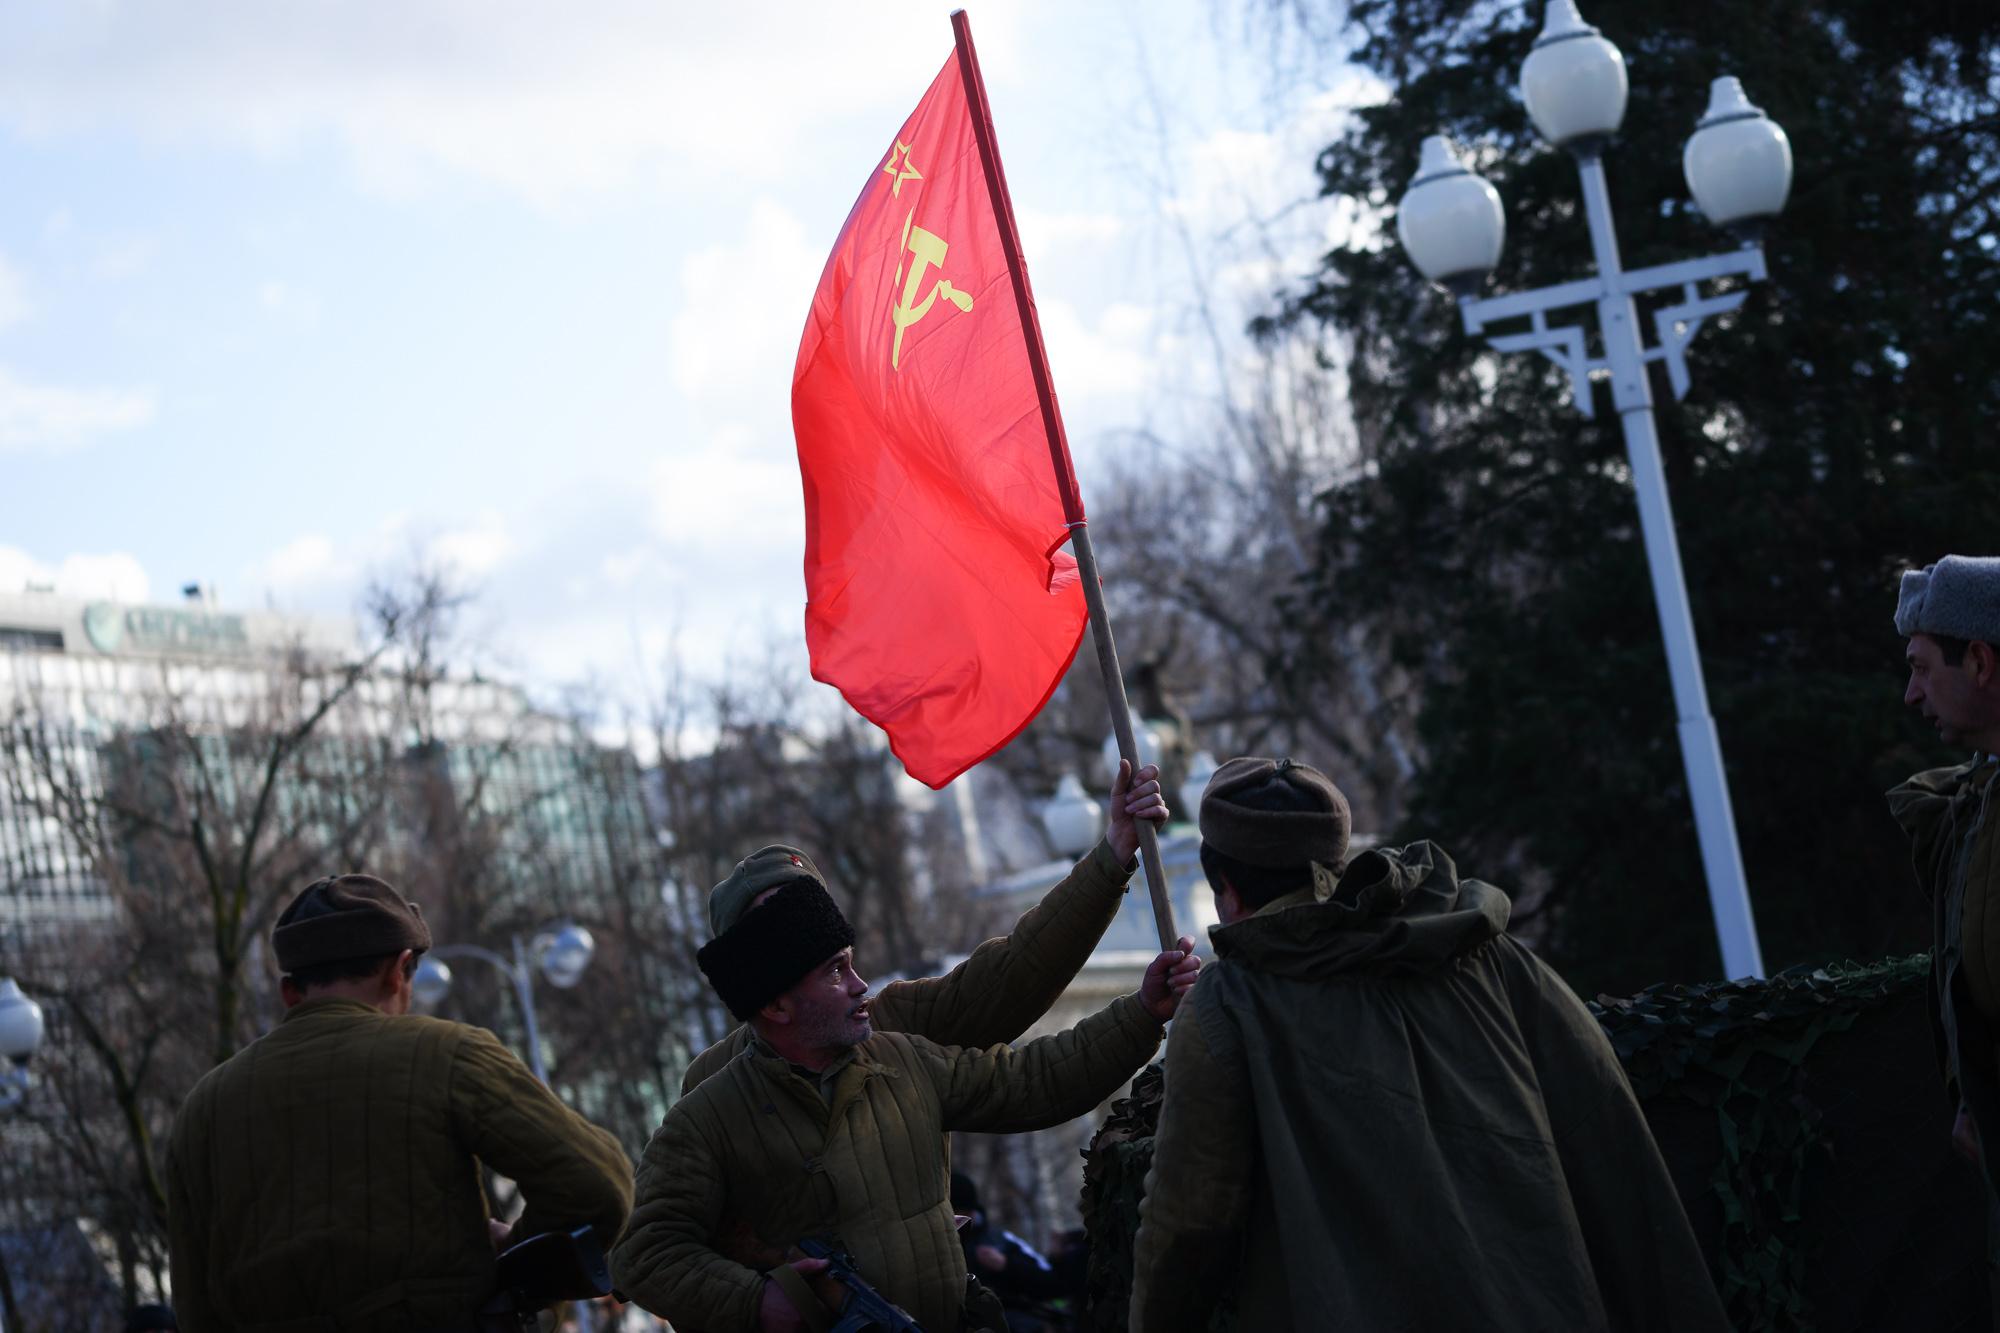 День освобождения Краснодара от фашистских оккупантов: подвиг Николая Присяжнюка